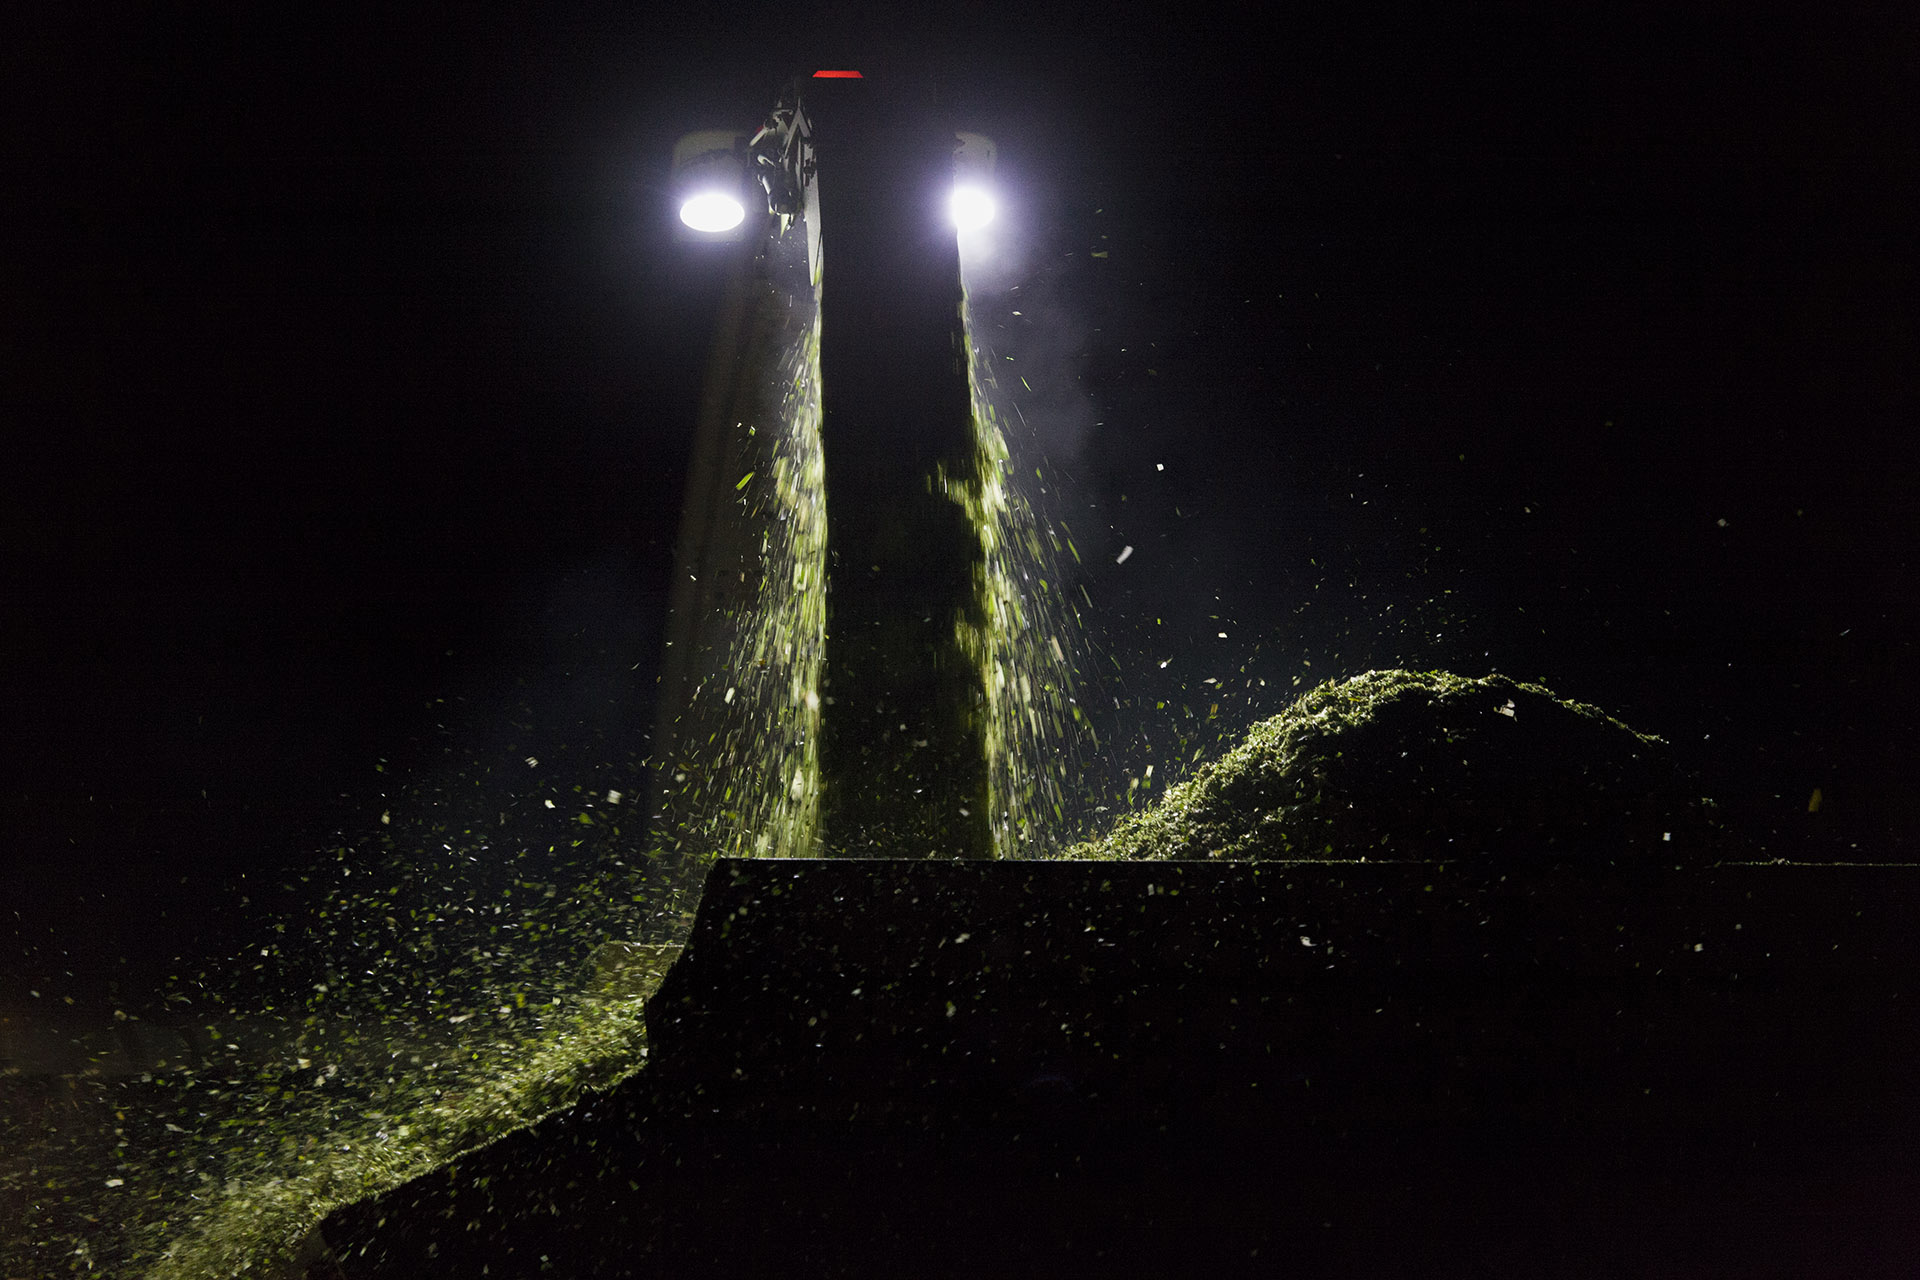 Høst af majs i kunstig belysning.